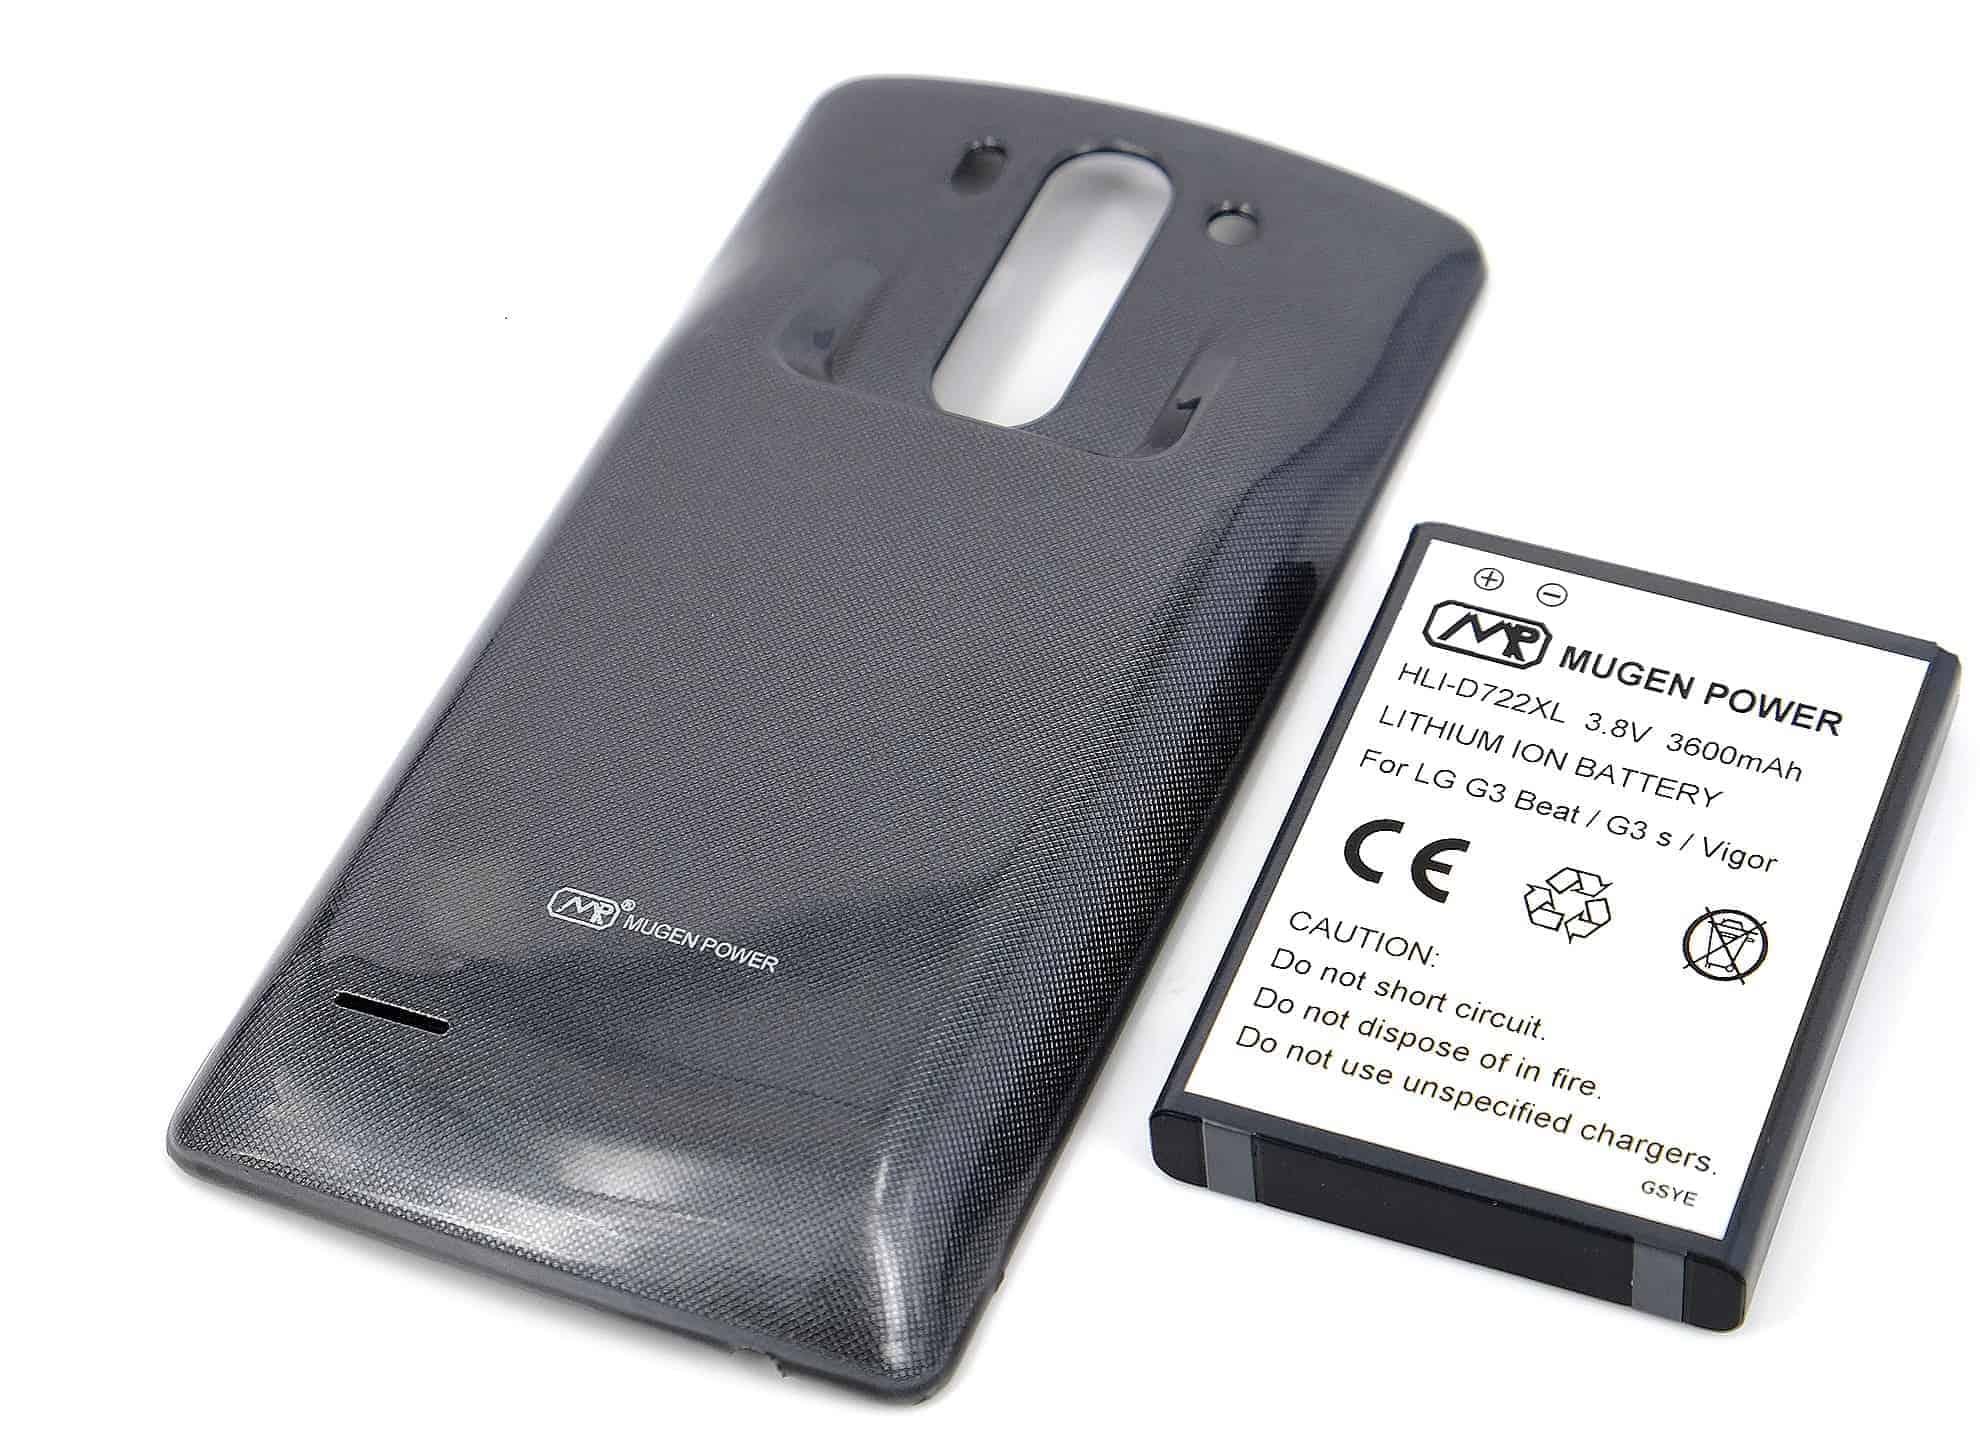 lg_g3_s_extended battery